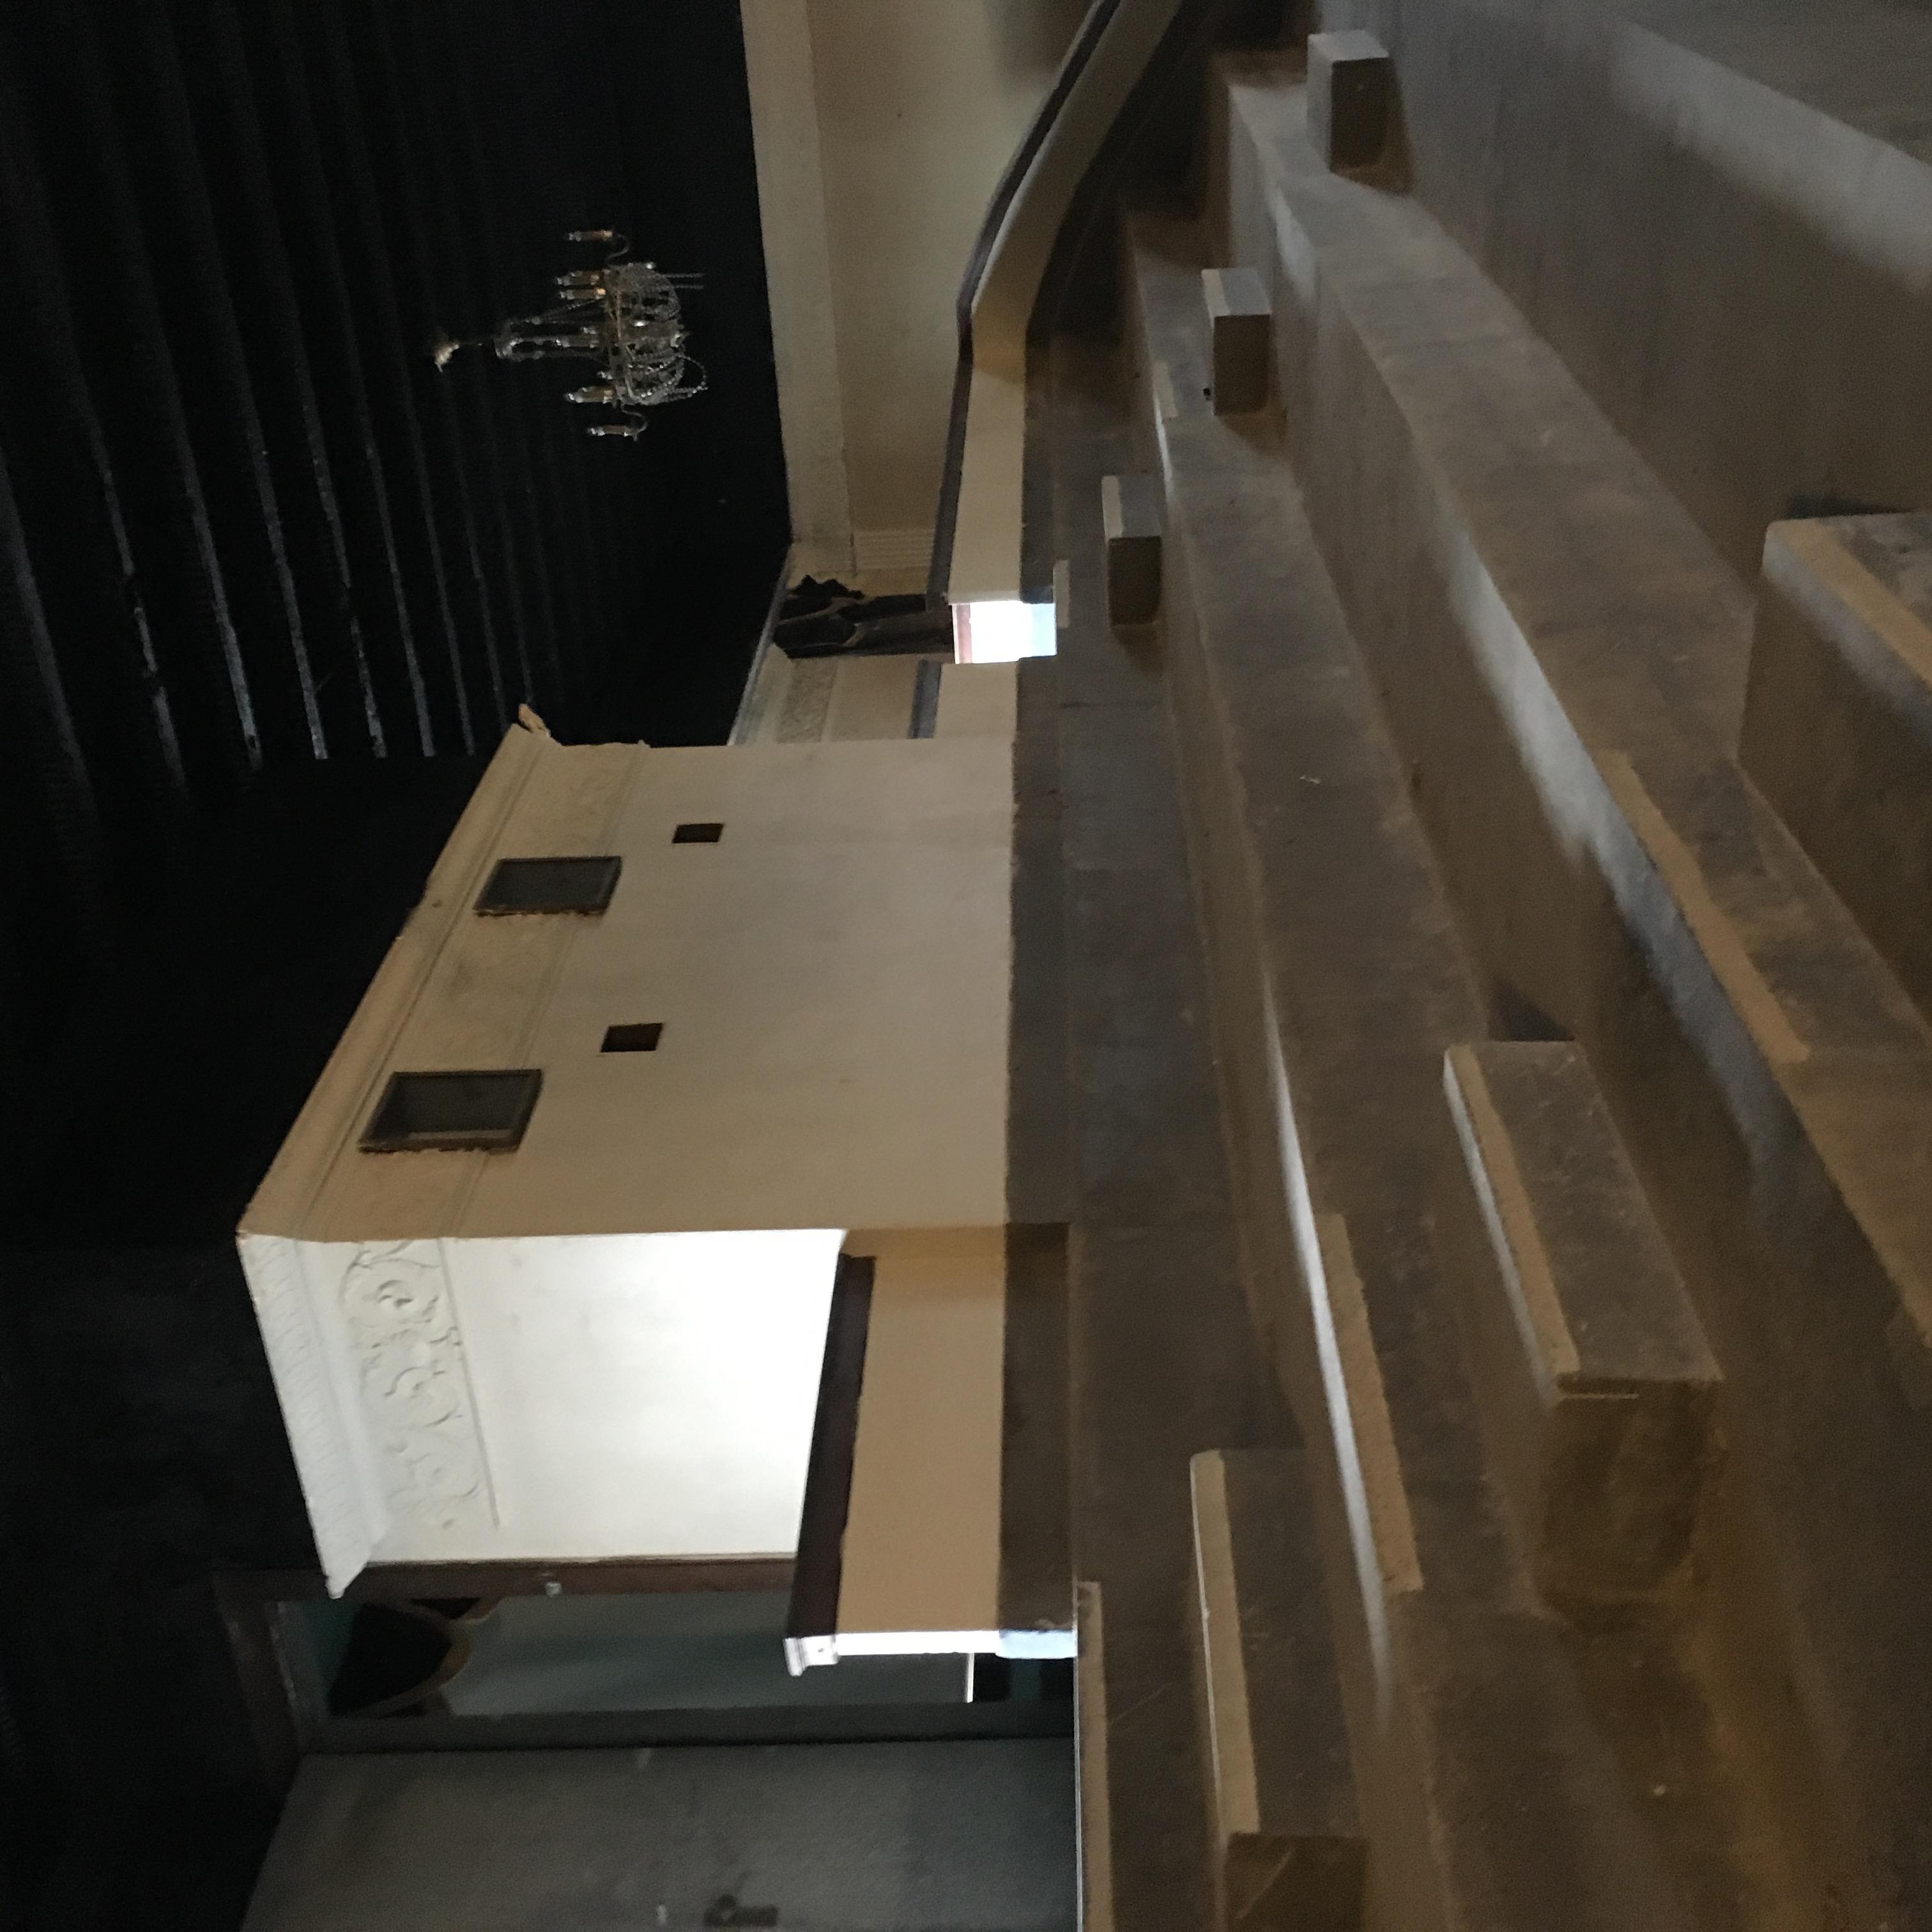 LFCF Auditorium